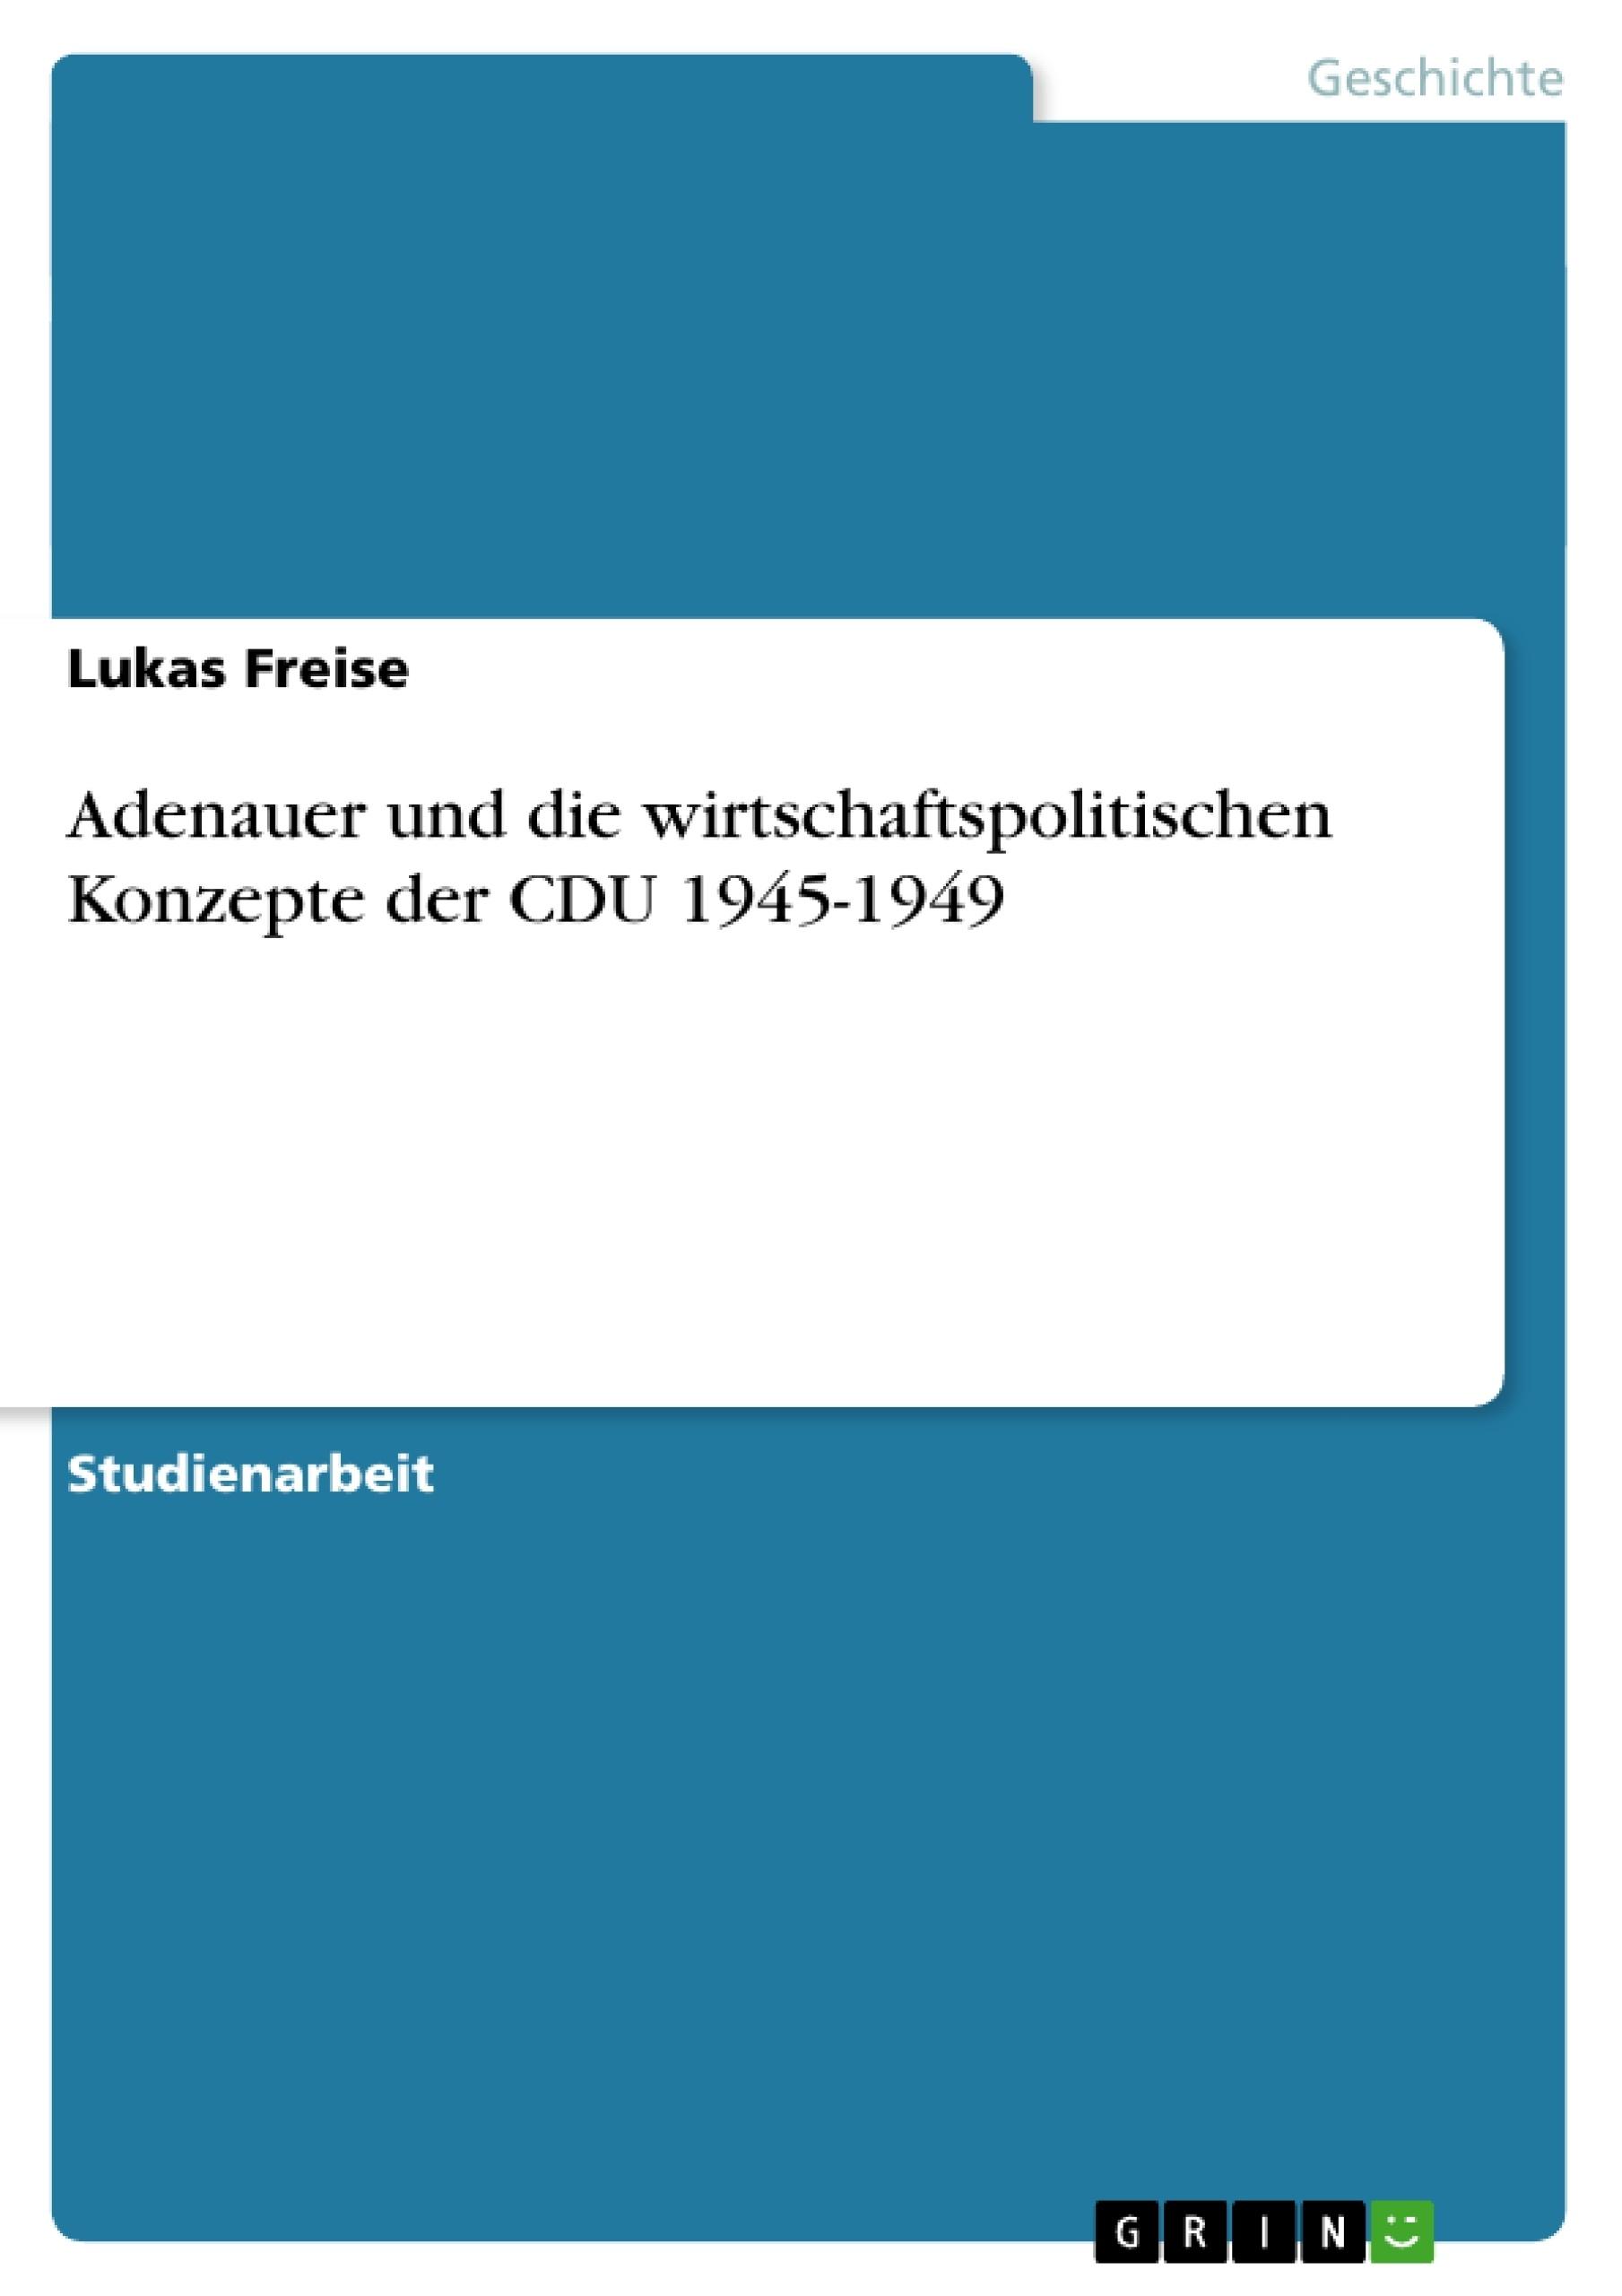 Titel: Adenauer und die wirtschaftspolitischen Konzepte der CDU 1945-1949